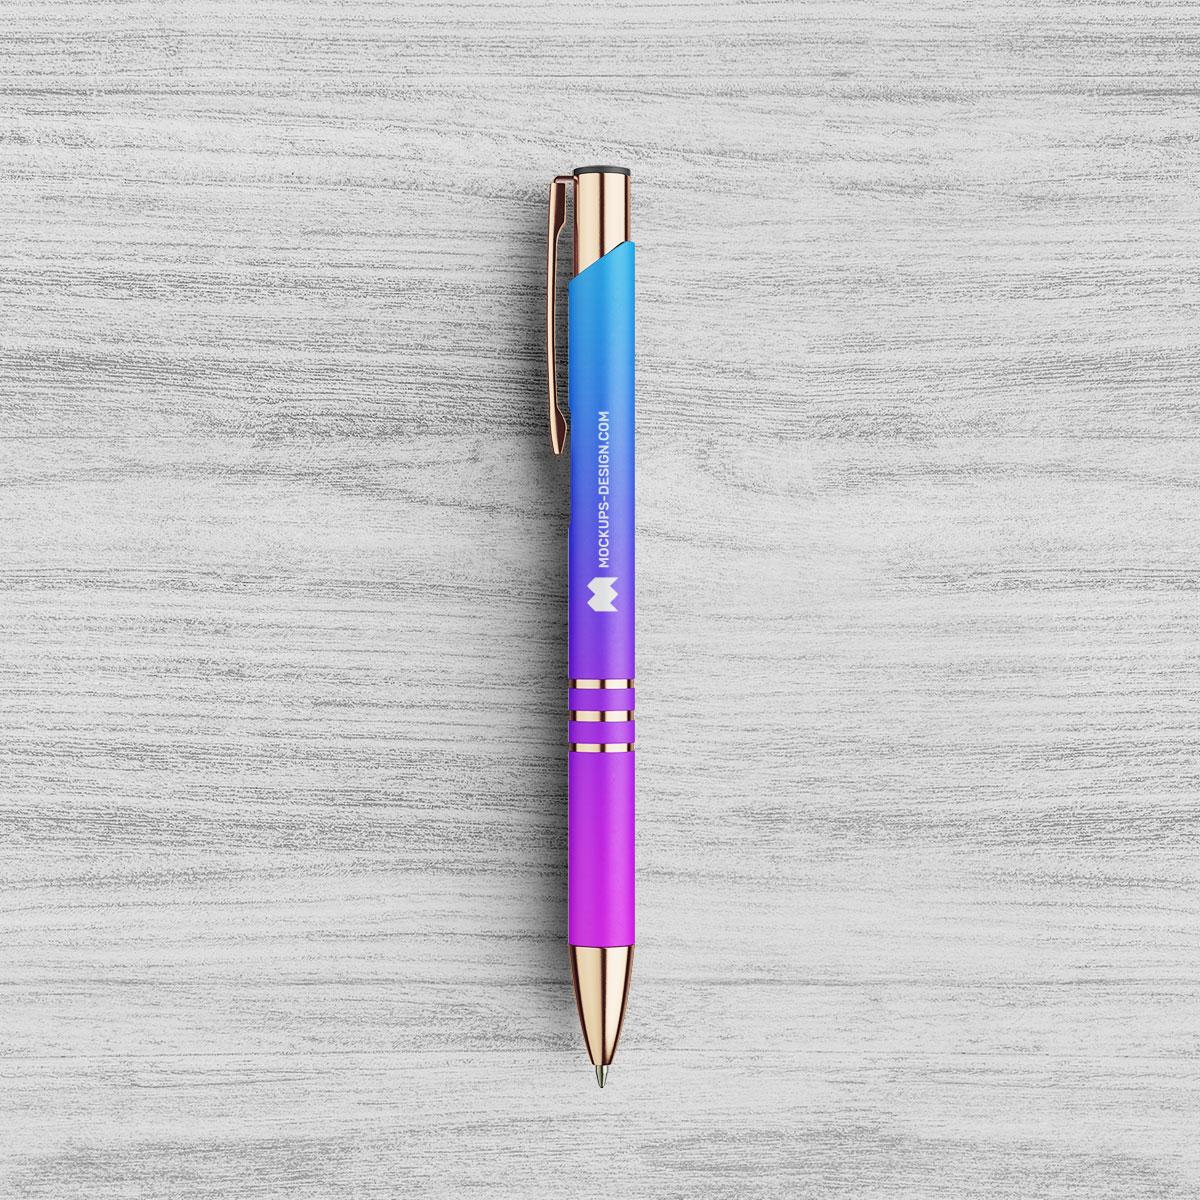 Free-Black-&-White-Pen-Mockup-PSD-2